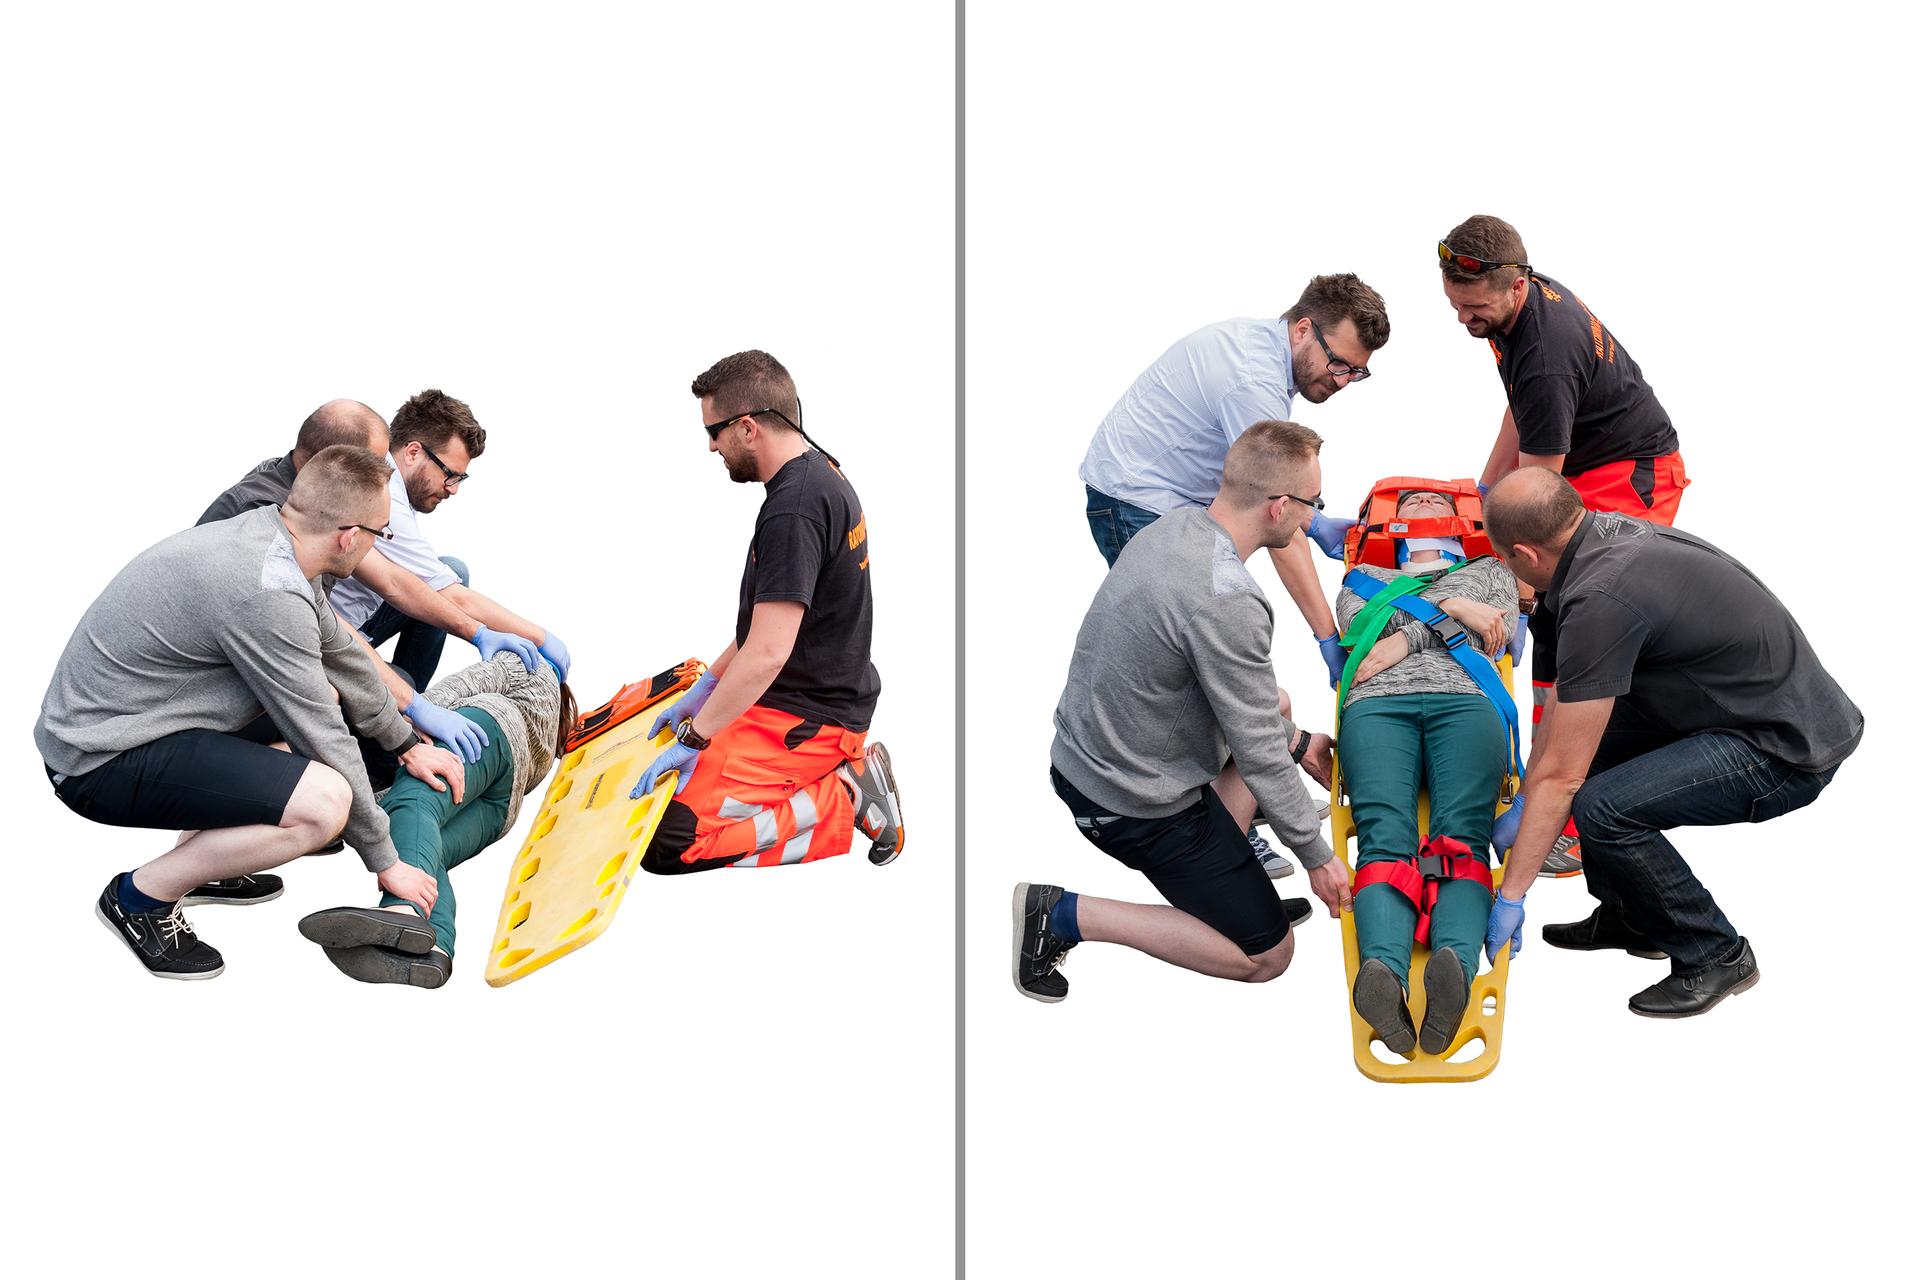 Galeria składa się zdziesięciu plansz przedstawiających sposoby przenoszenia poszkodowanego poza strefę zagrożenia. Na ilustracji numer dziesięć prezentowane są dwa zdjęcia zukładania poszkodowanej na desce ortopedycznej. Ratownik ubrany wpomarańczowe spodnie zodblaskowymi pasami wokół kolan oraz trzech innych mężczyzn przygotowują do transportu nieprzytomną kobietę. Na zdjęciu po lewej stronie ratownik przytrzymuje deskę do wsunięcia ją pod plecy poszkodowanej, atrzech mężczyzn przytrzymuje jej ciało na prawym boku. Na zdjęciu po prawej stronie poszkodowana leży na desce unieruchomiona pasami, wkołnierzu ortopedycznym izrękami skrzyżowanymi na brzuchu. Ratownicy trzymają uchwyty deski po dwóch zkażdej strony iprzygotowują się do wstania zmiejsca.